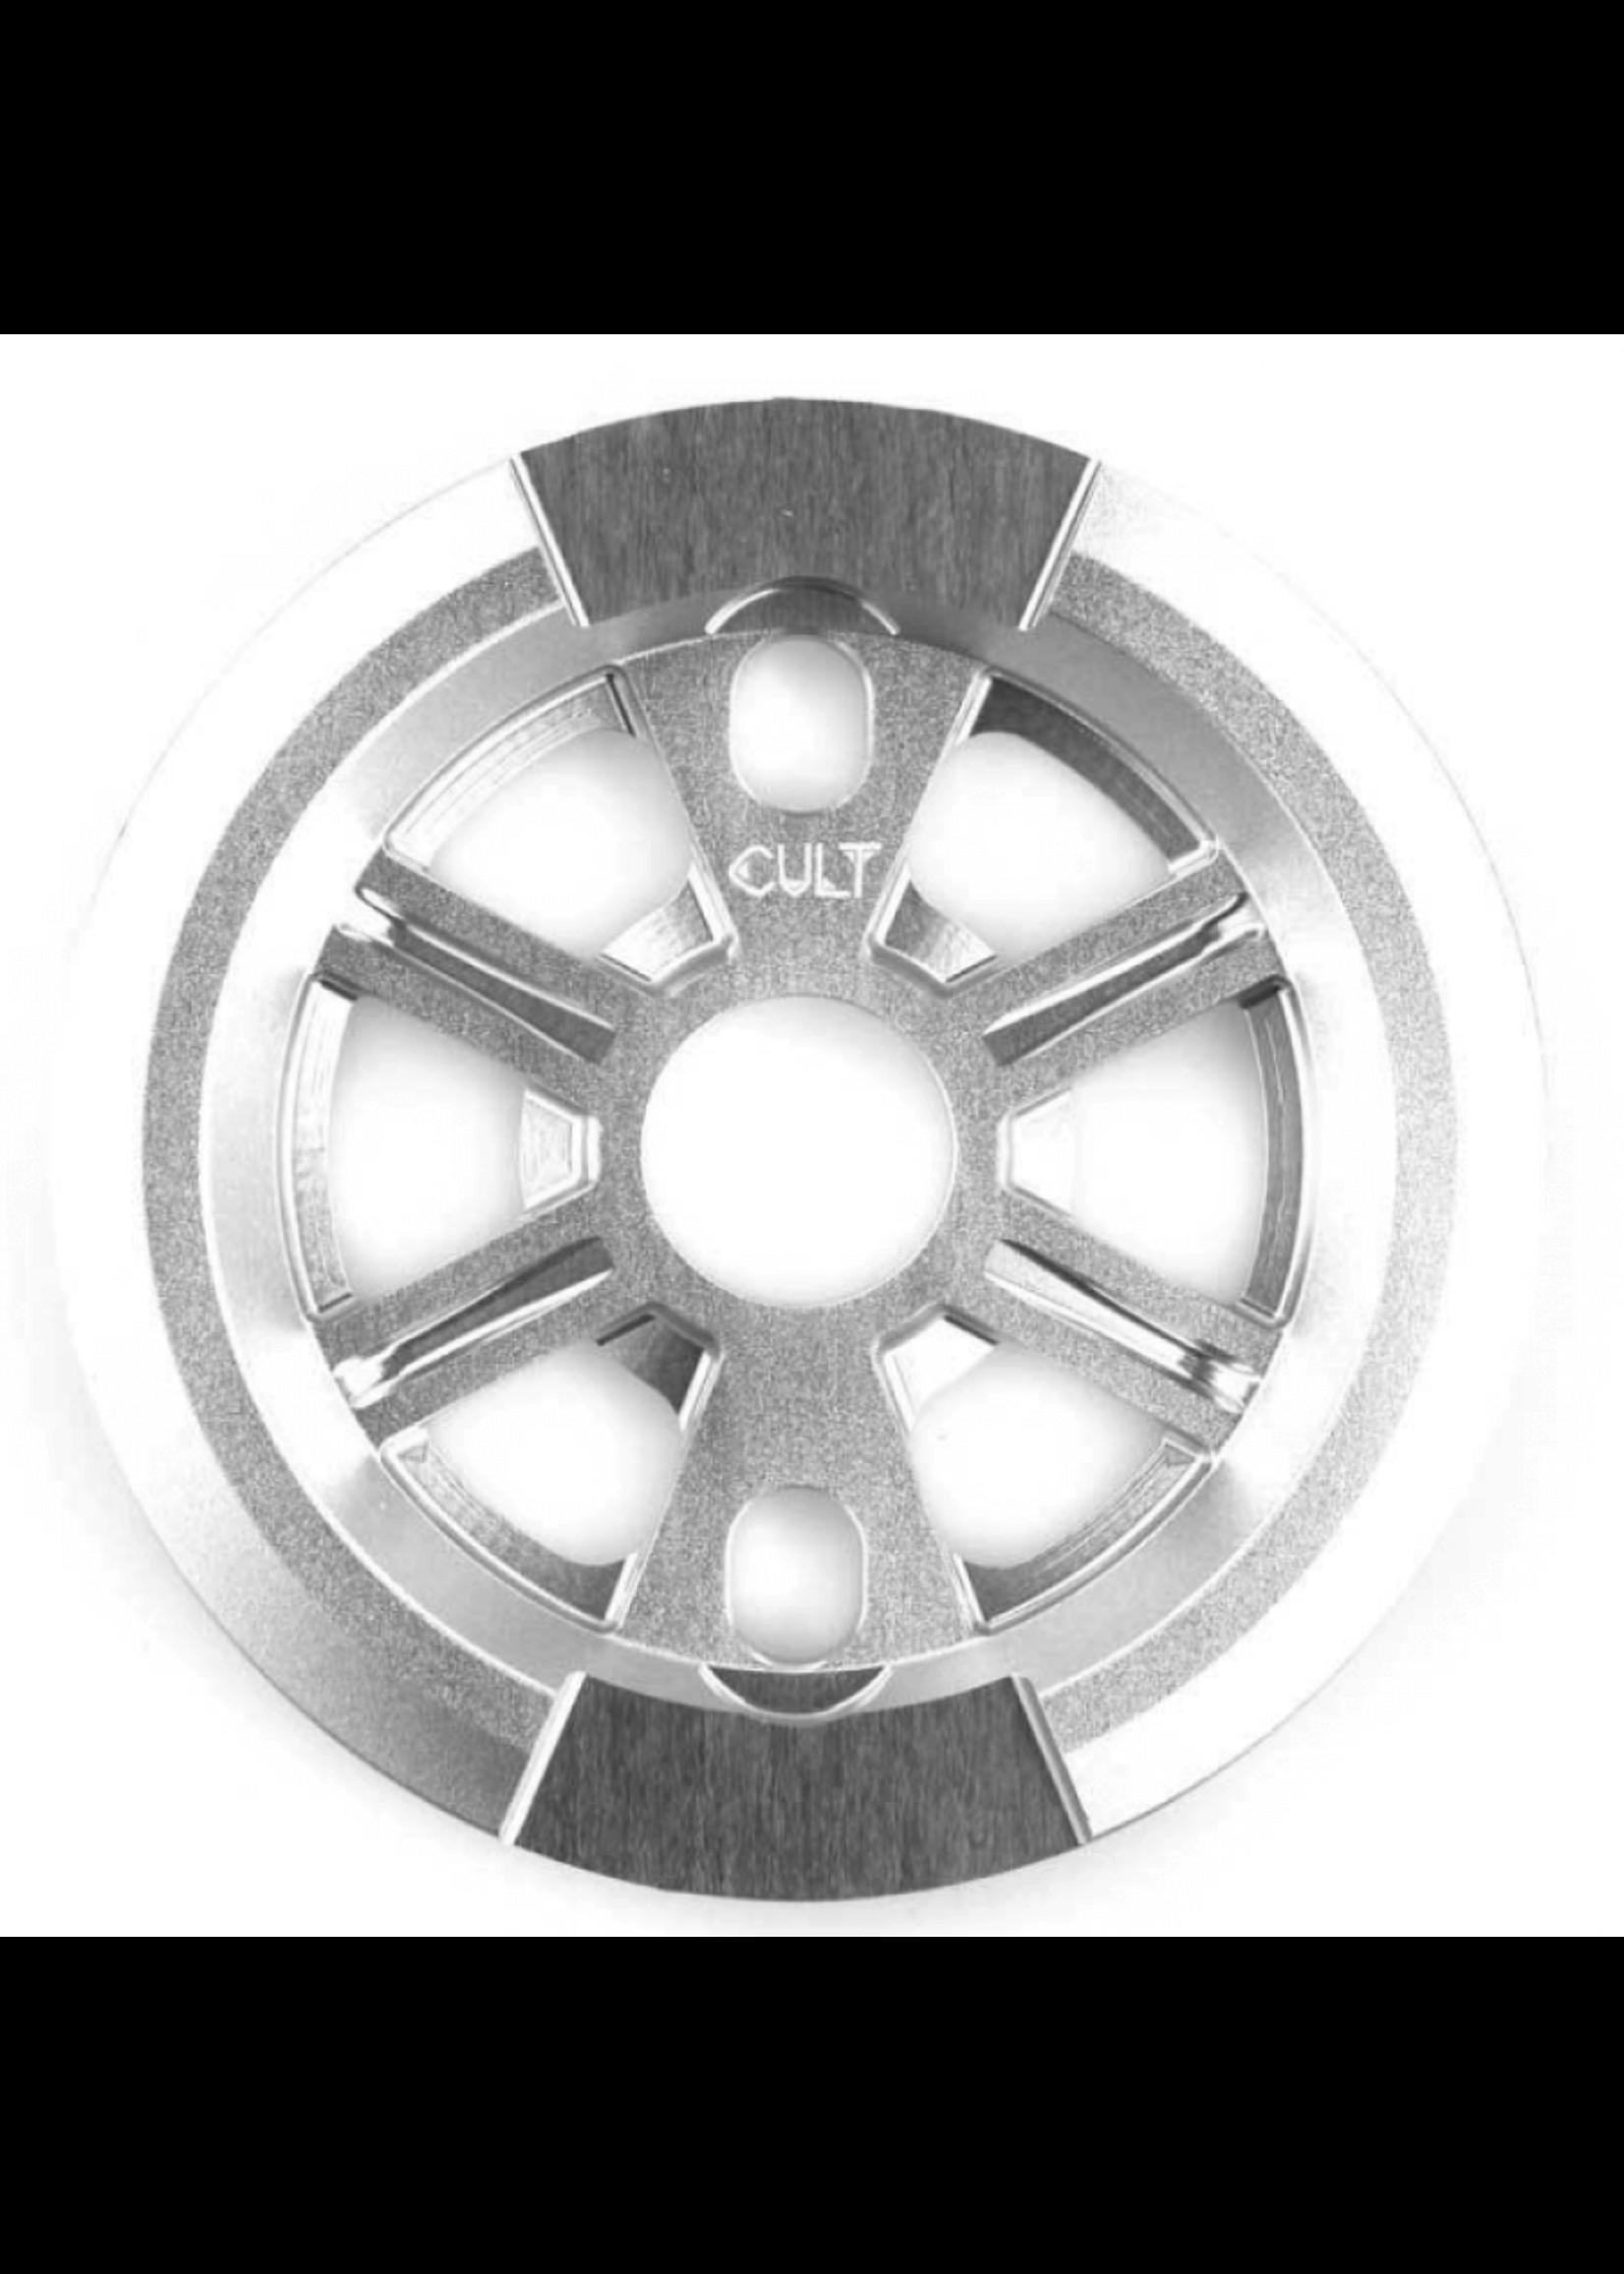 Cult Cult - Dak Guard Sprocket - 28T